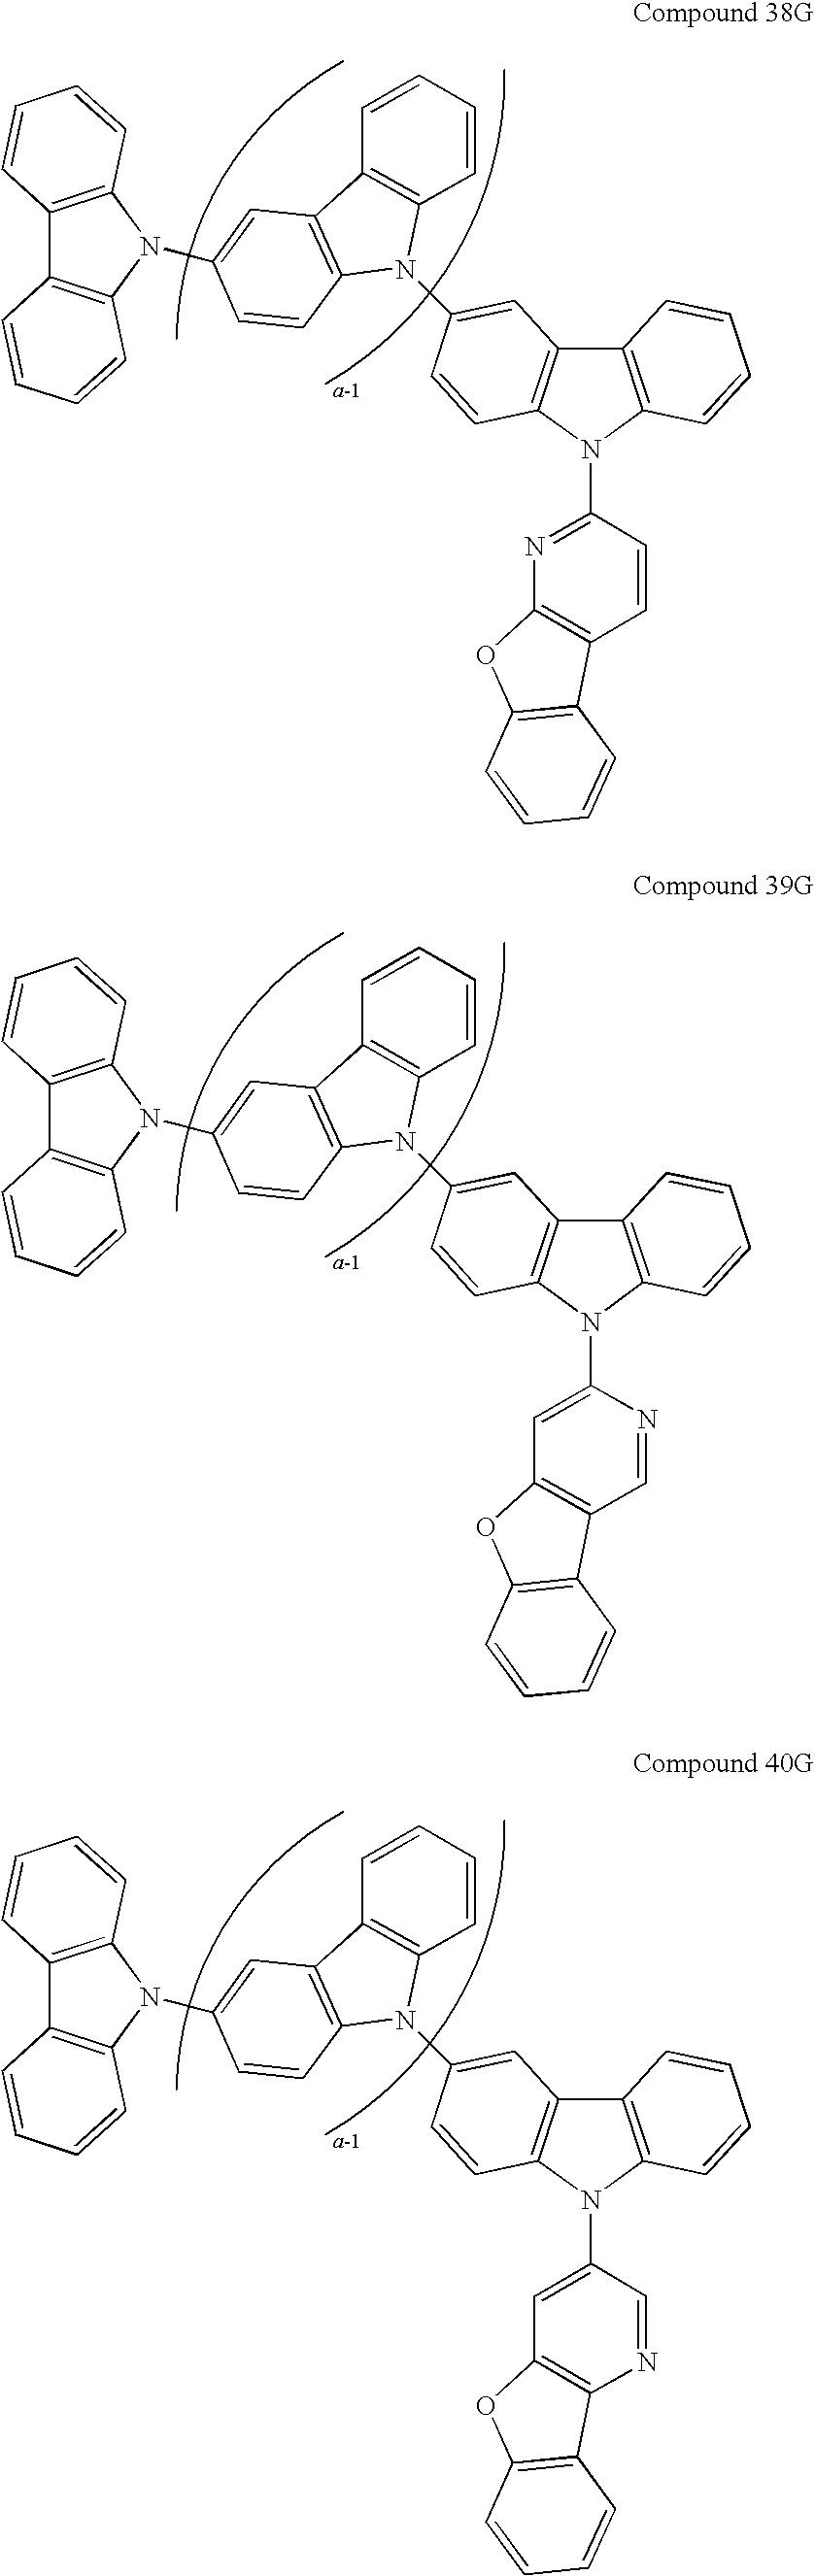 Figure US20090134784A1-20090528-C00211